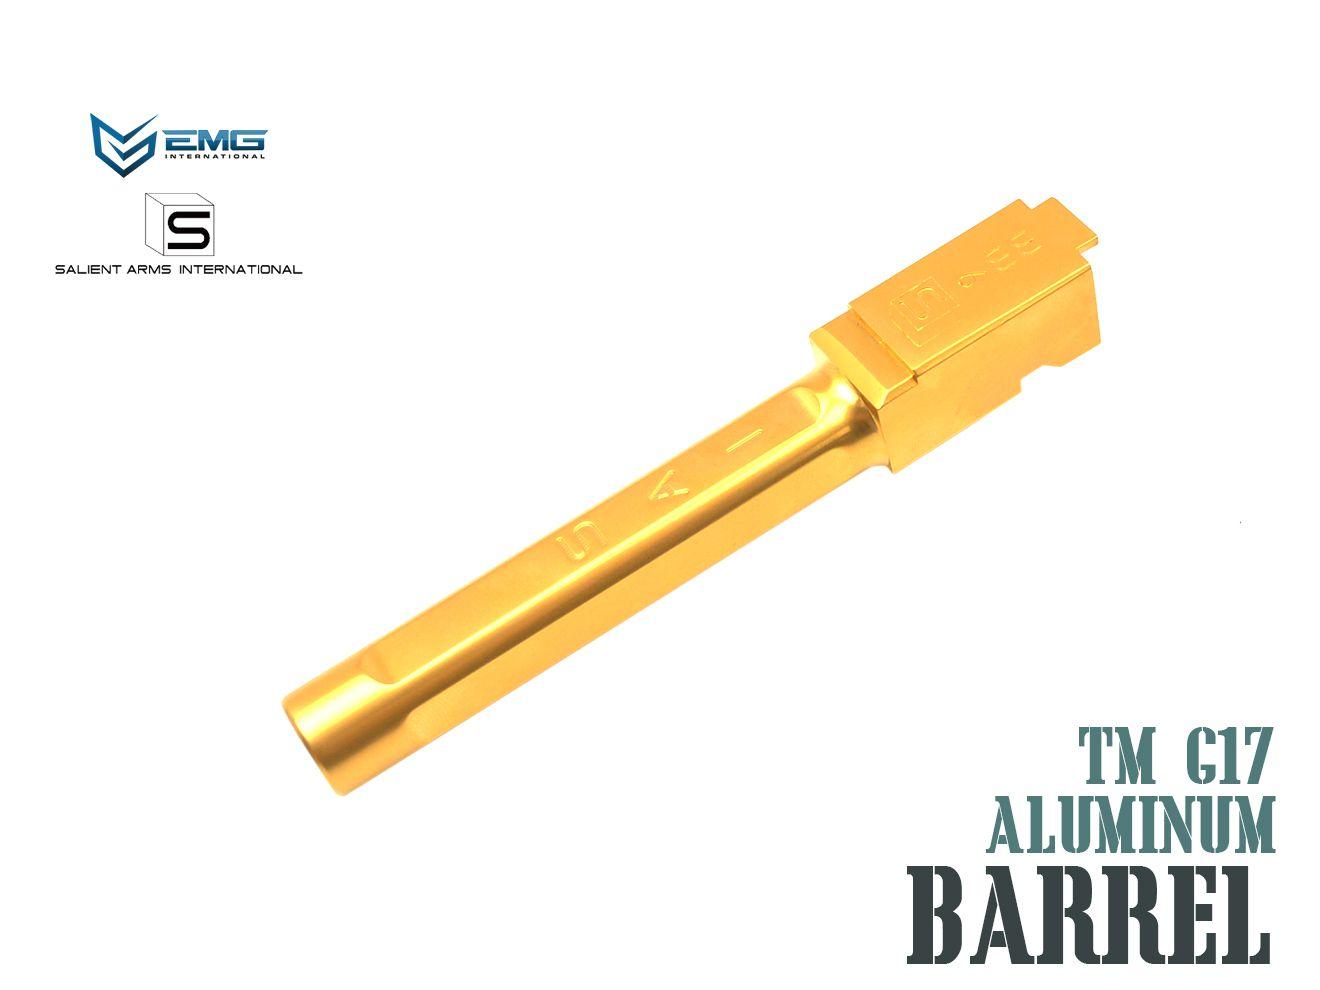 EMG SAI BLU アウターバレル For TM G17 Salient Arms 高級 International GLOCK マーケット ハンドガン GOLD ゴールド グロック 東京マルイ サイ GBB ガスブロ